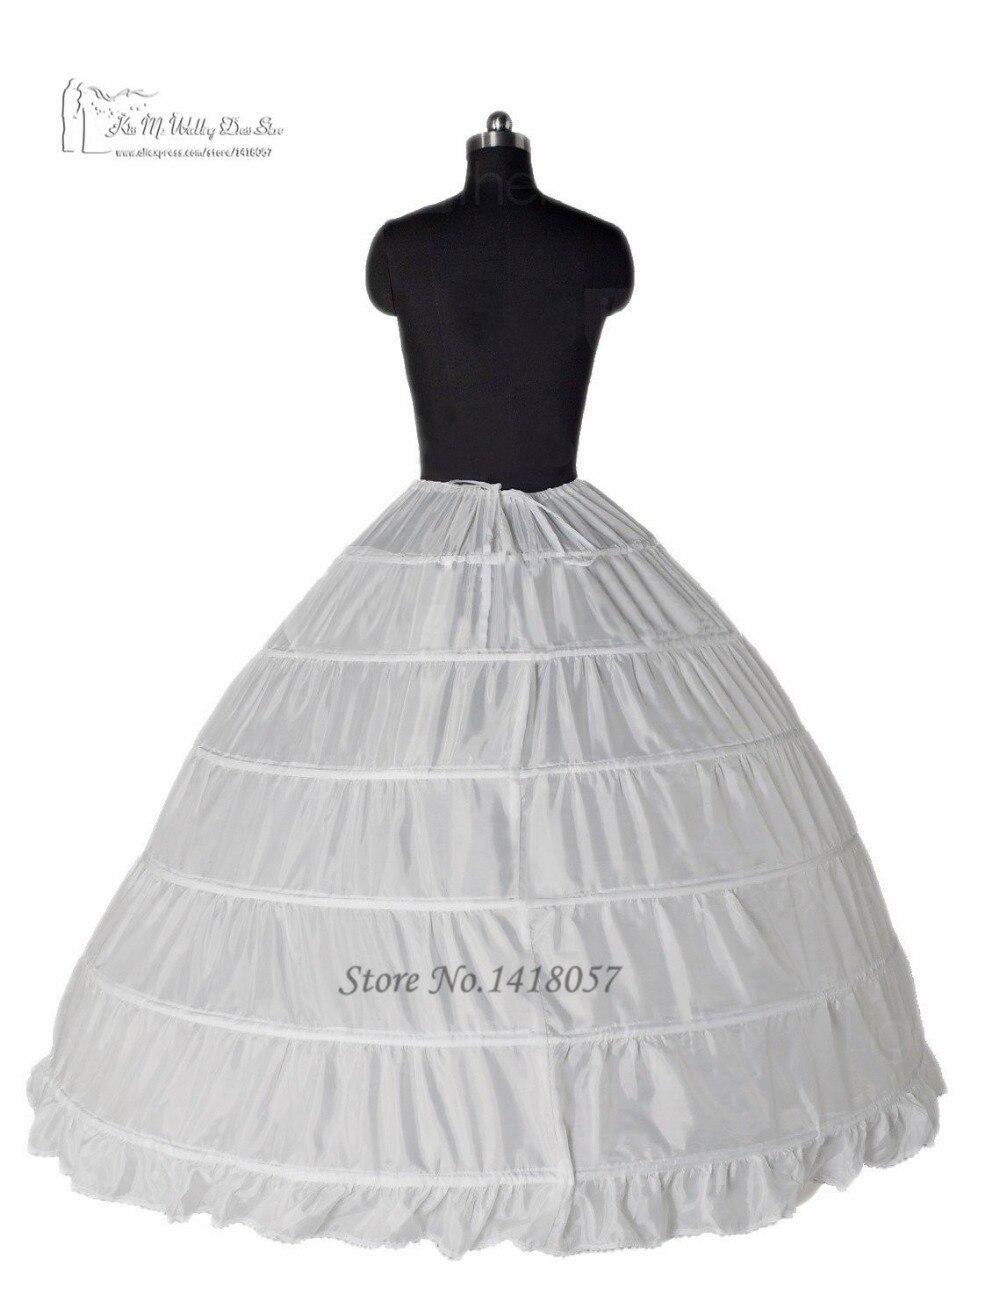 Кринолин для бального свадебного платья